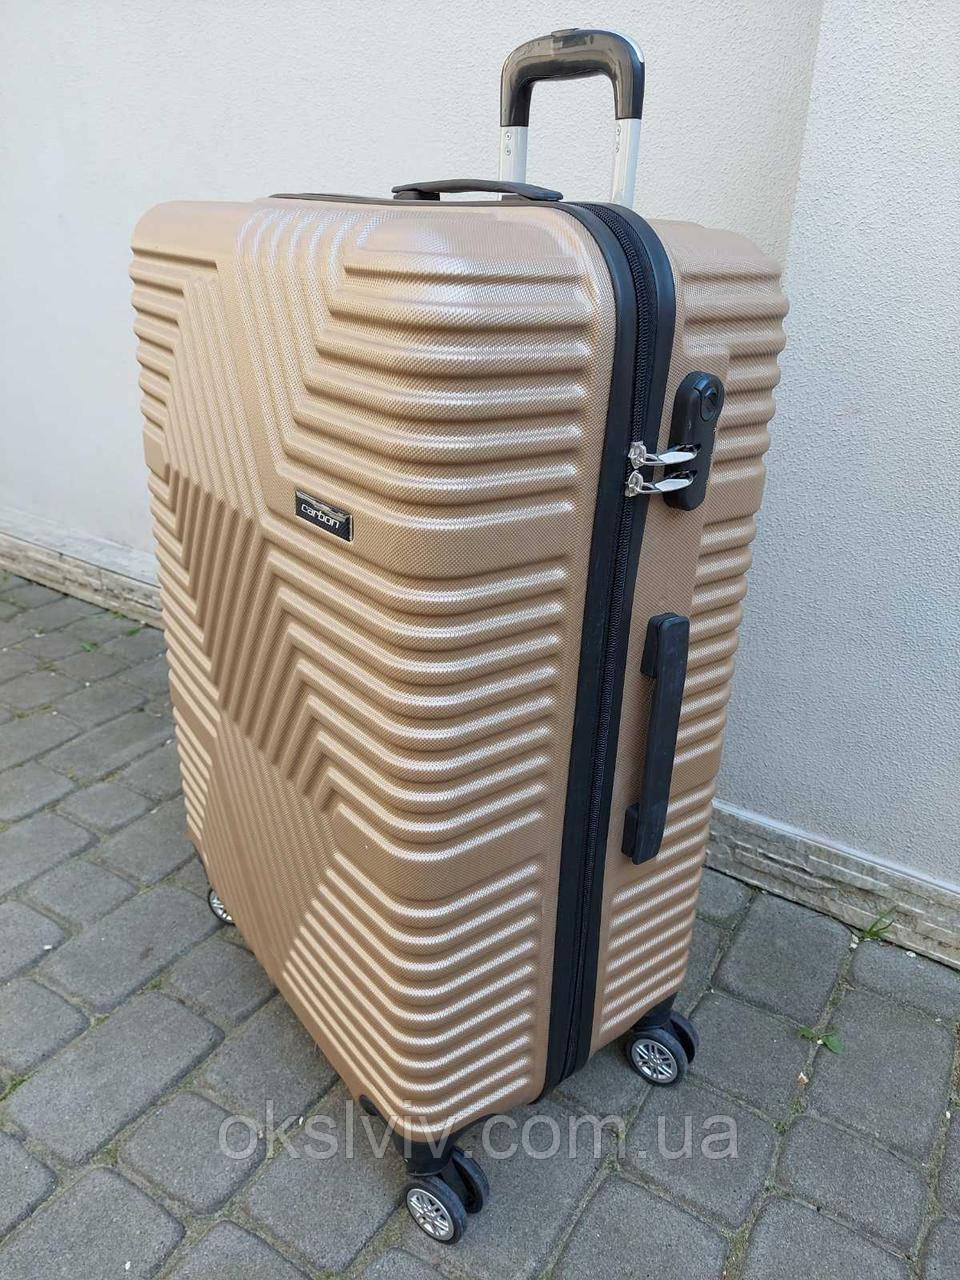 CARBON Z полікарбонат Німеччина валізи чемодани, сумки на колесах